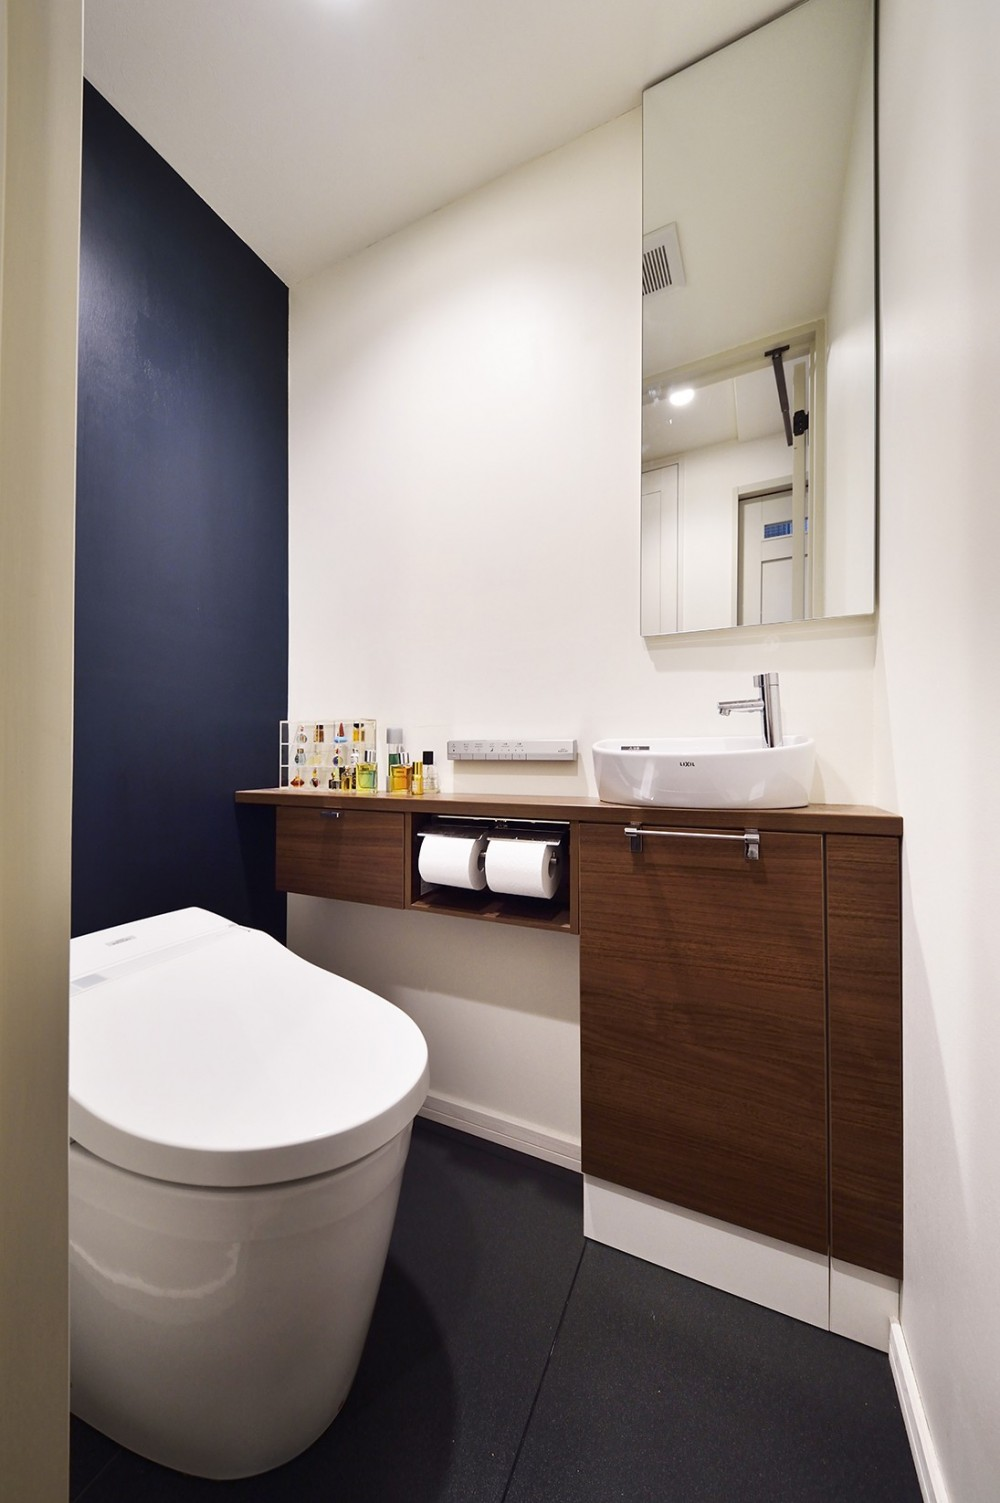 リノベで叶える 広いリビングと大収納力 (デザインと利便性を兼ねたトイレ)